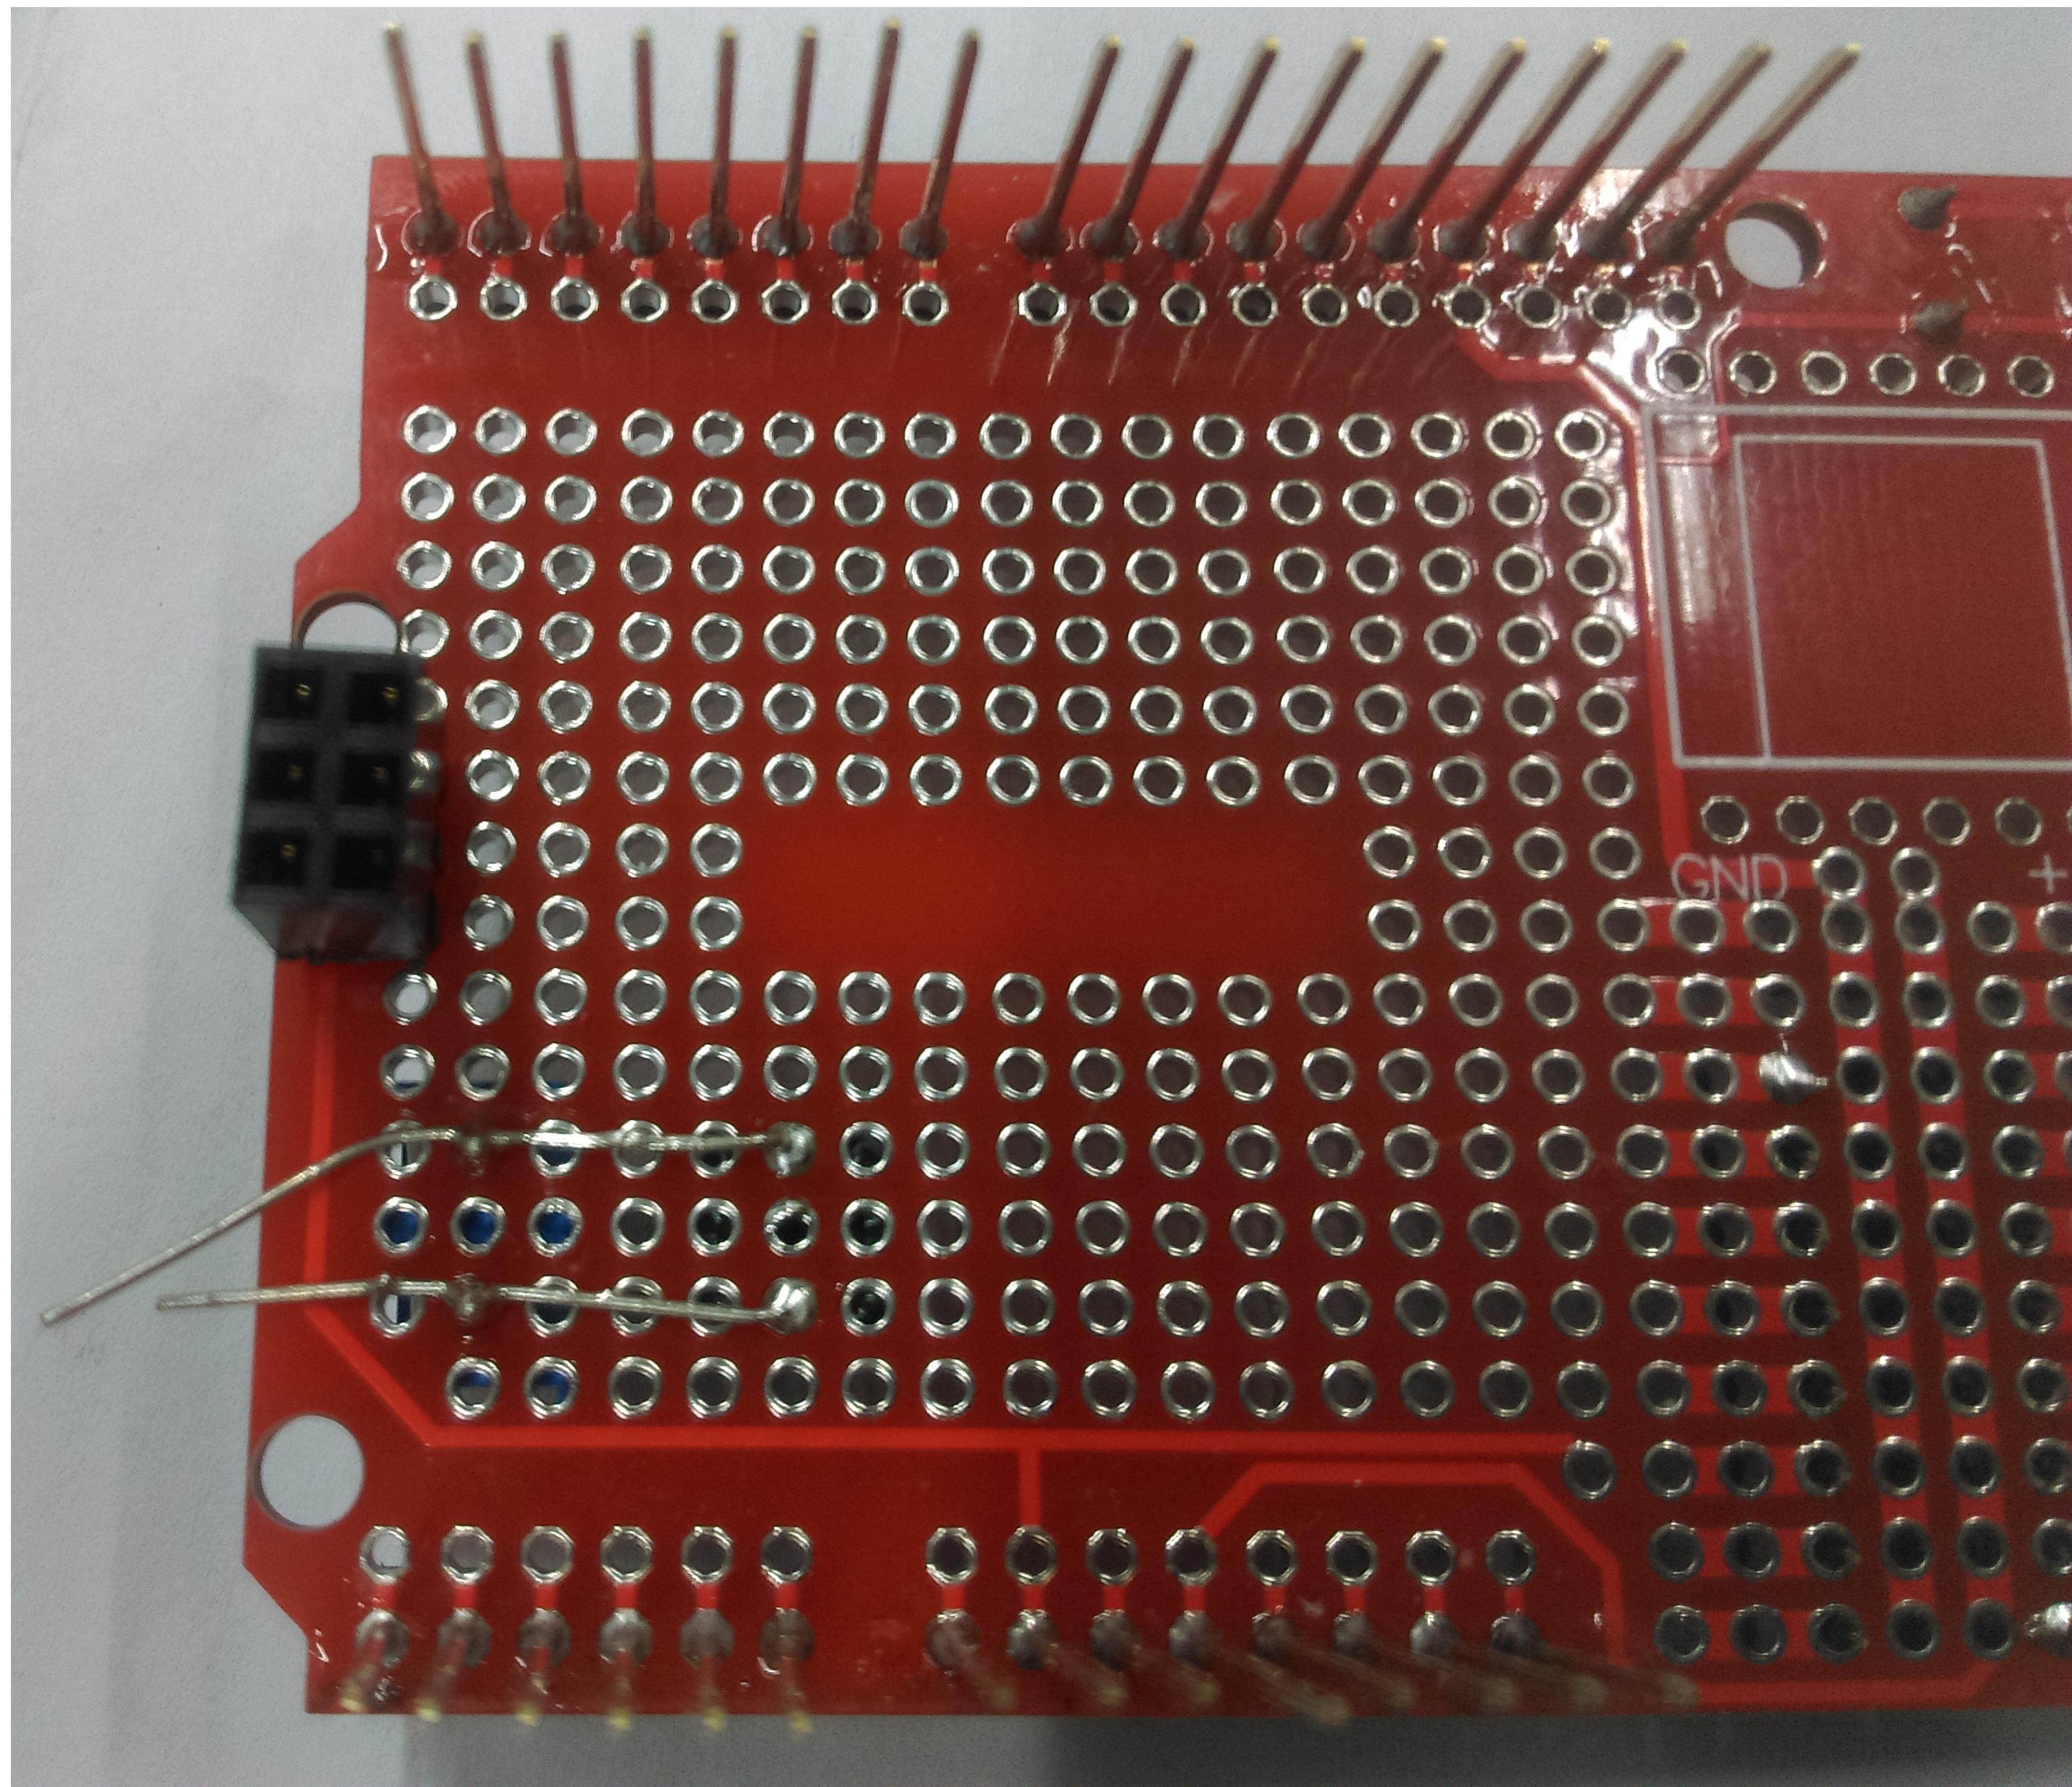 solder in the cap